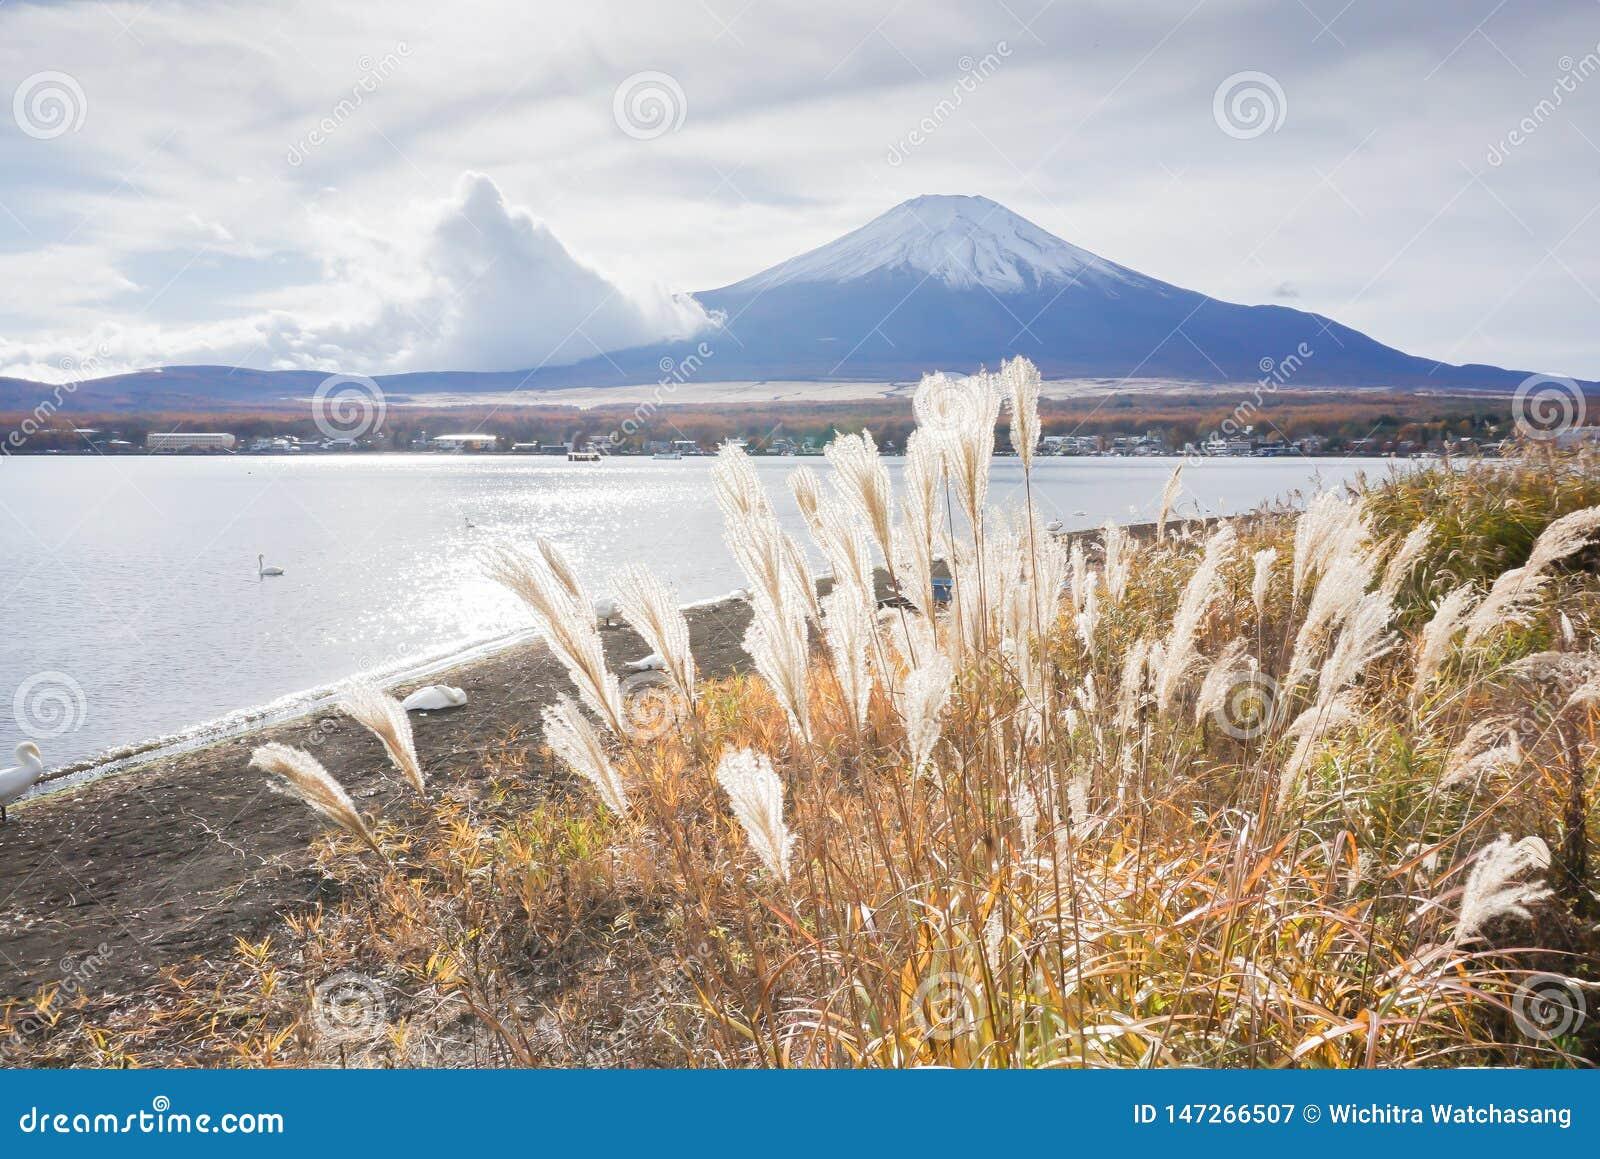 Τοποθετήστε το Φούτζι στη λίμνη Yamanaka στην εποχή φθινοπώρου της Ιαπωνίας